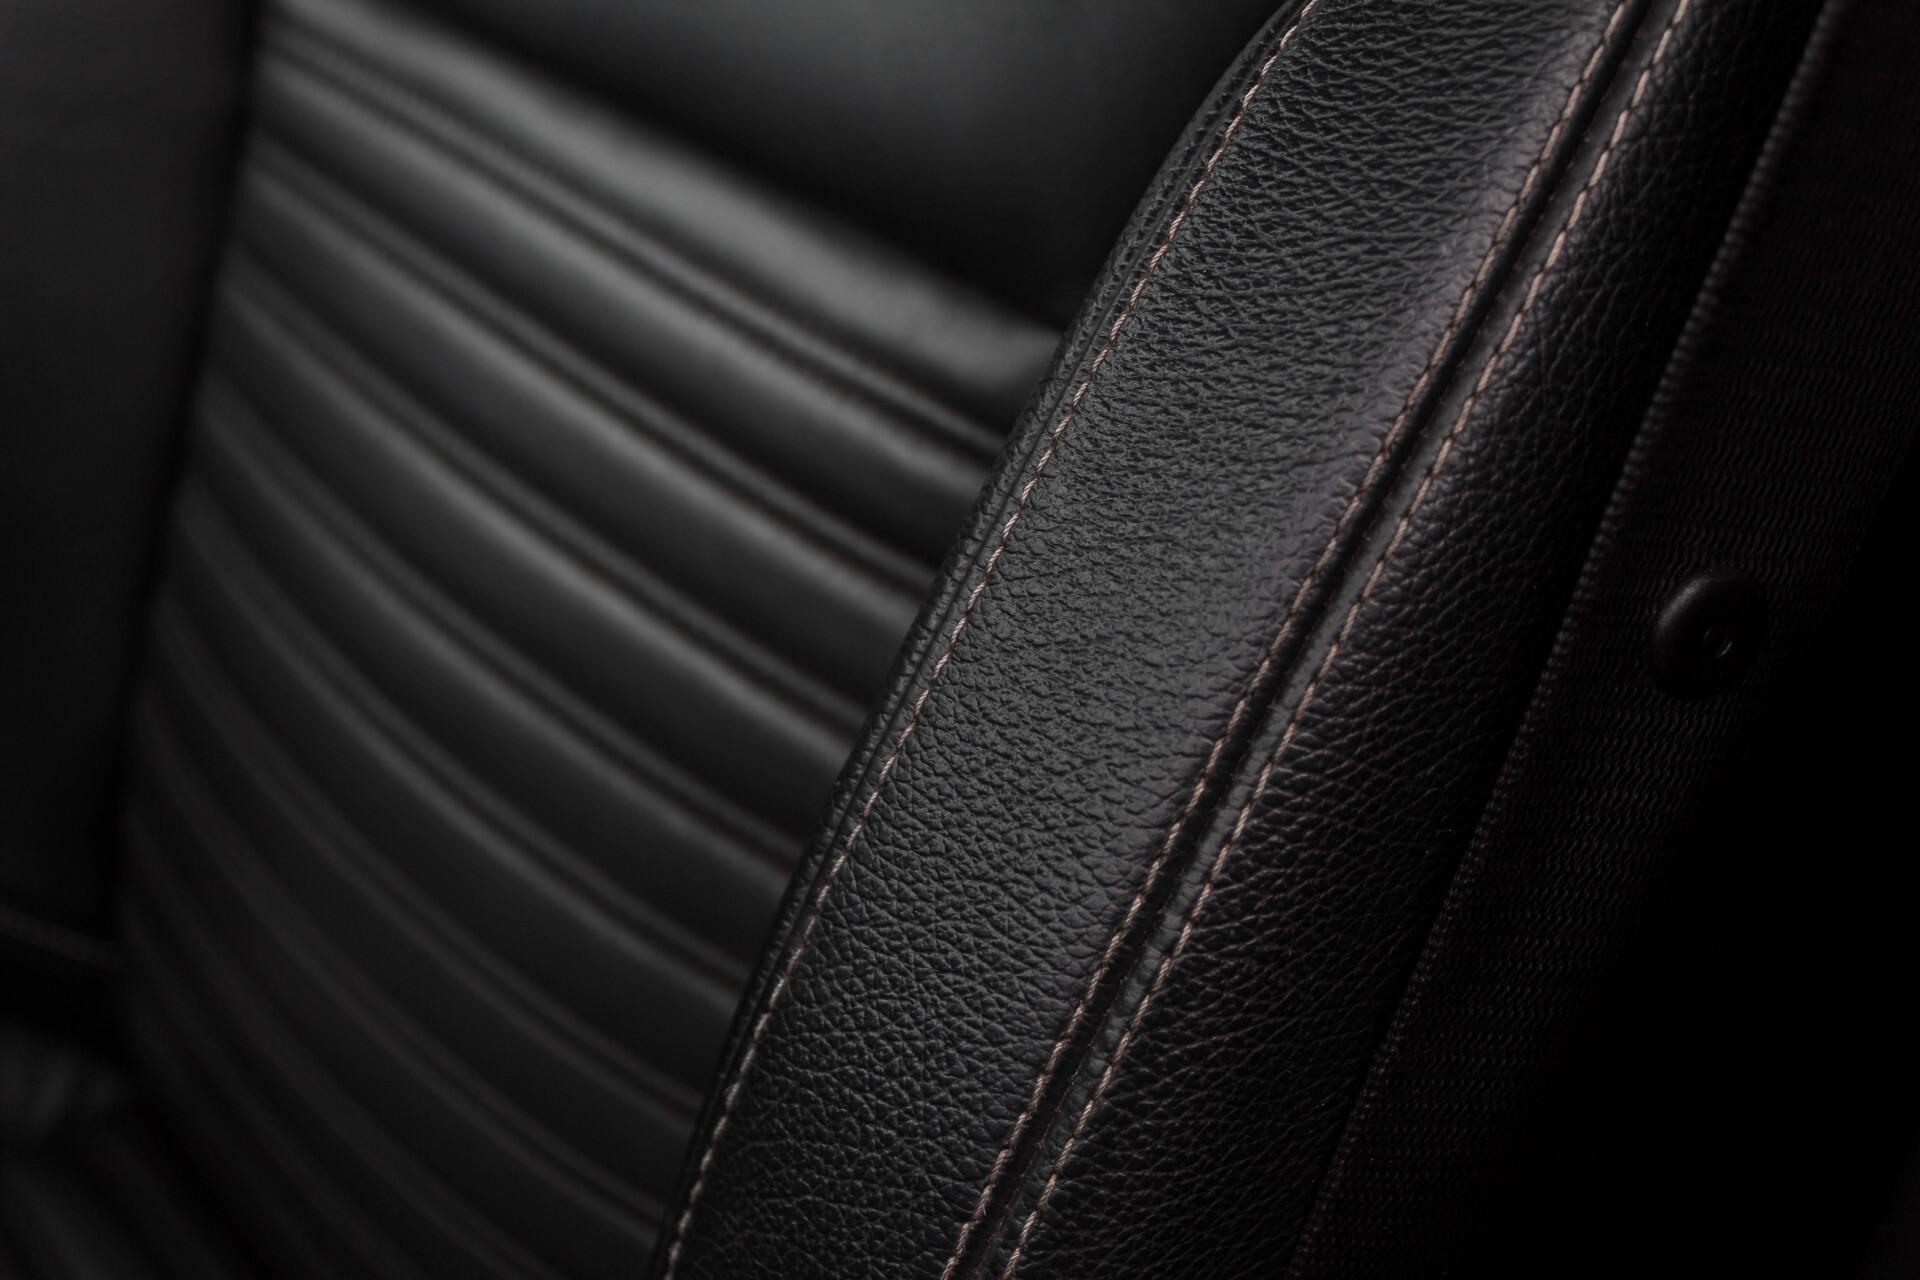 Mercedes-Benz GLE Coupé 350 d 4-M AMG Luchtvering/Distronic/Panorama/Mem/Trekhaak Aut9 Foto 59